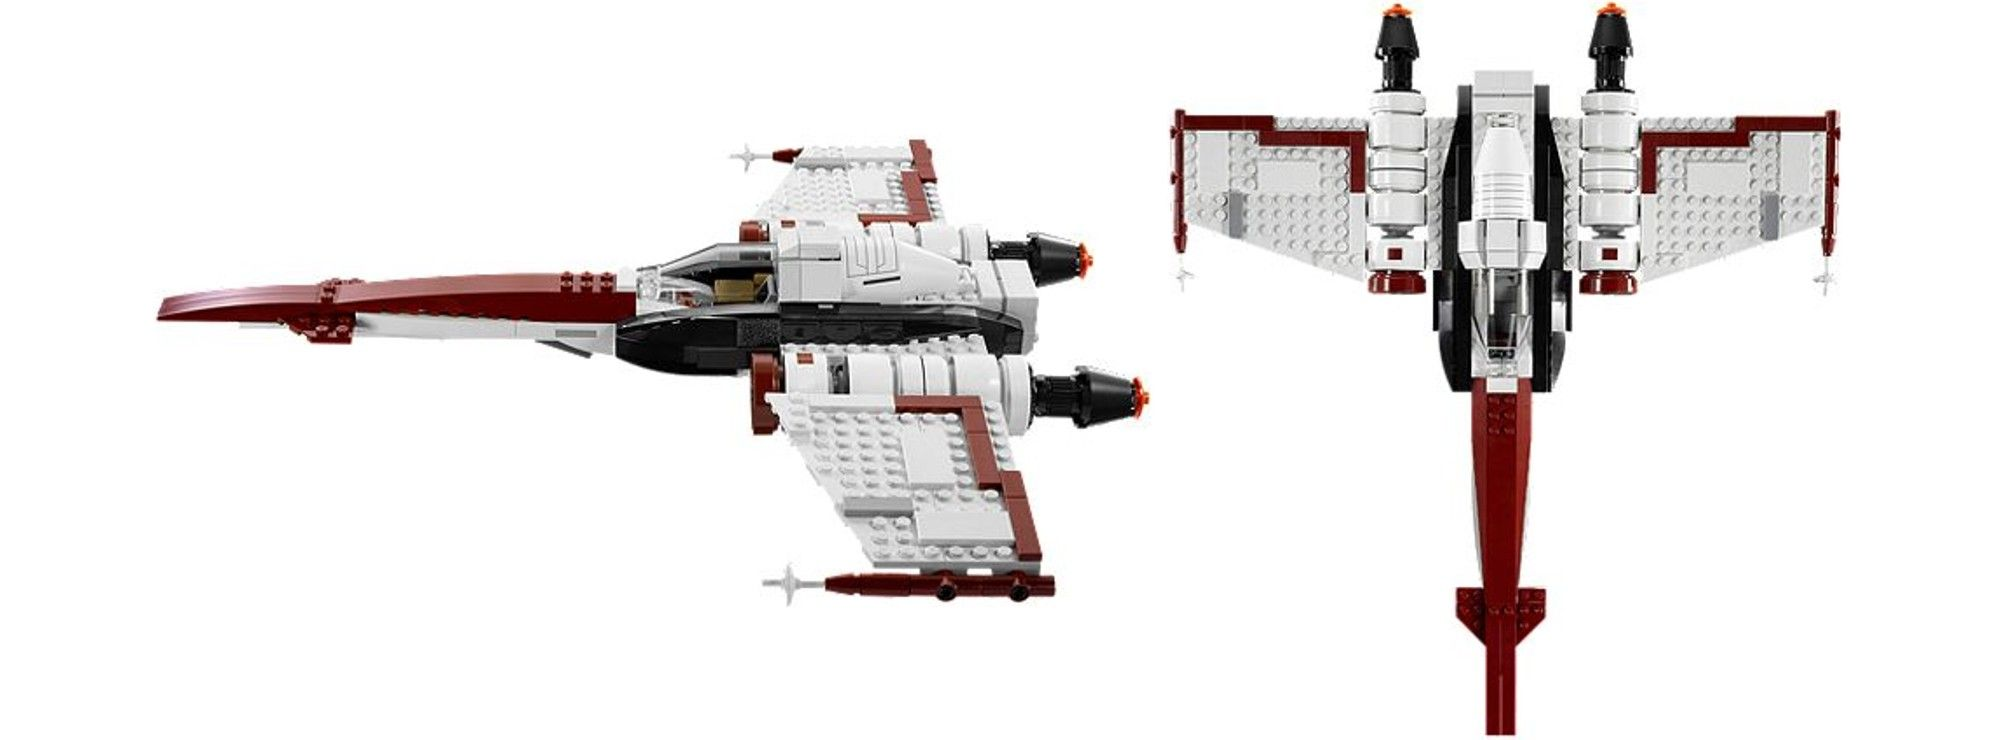 LEGO StarWars Z-95 Headhunter 75004 günstig kaufen